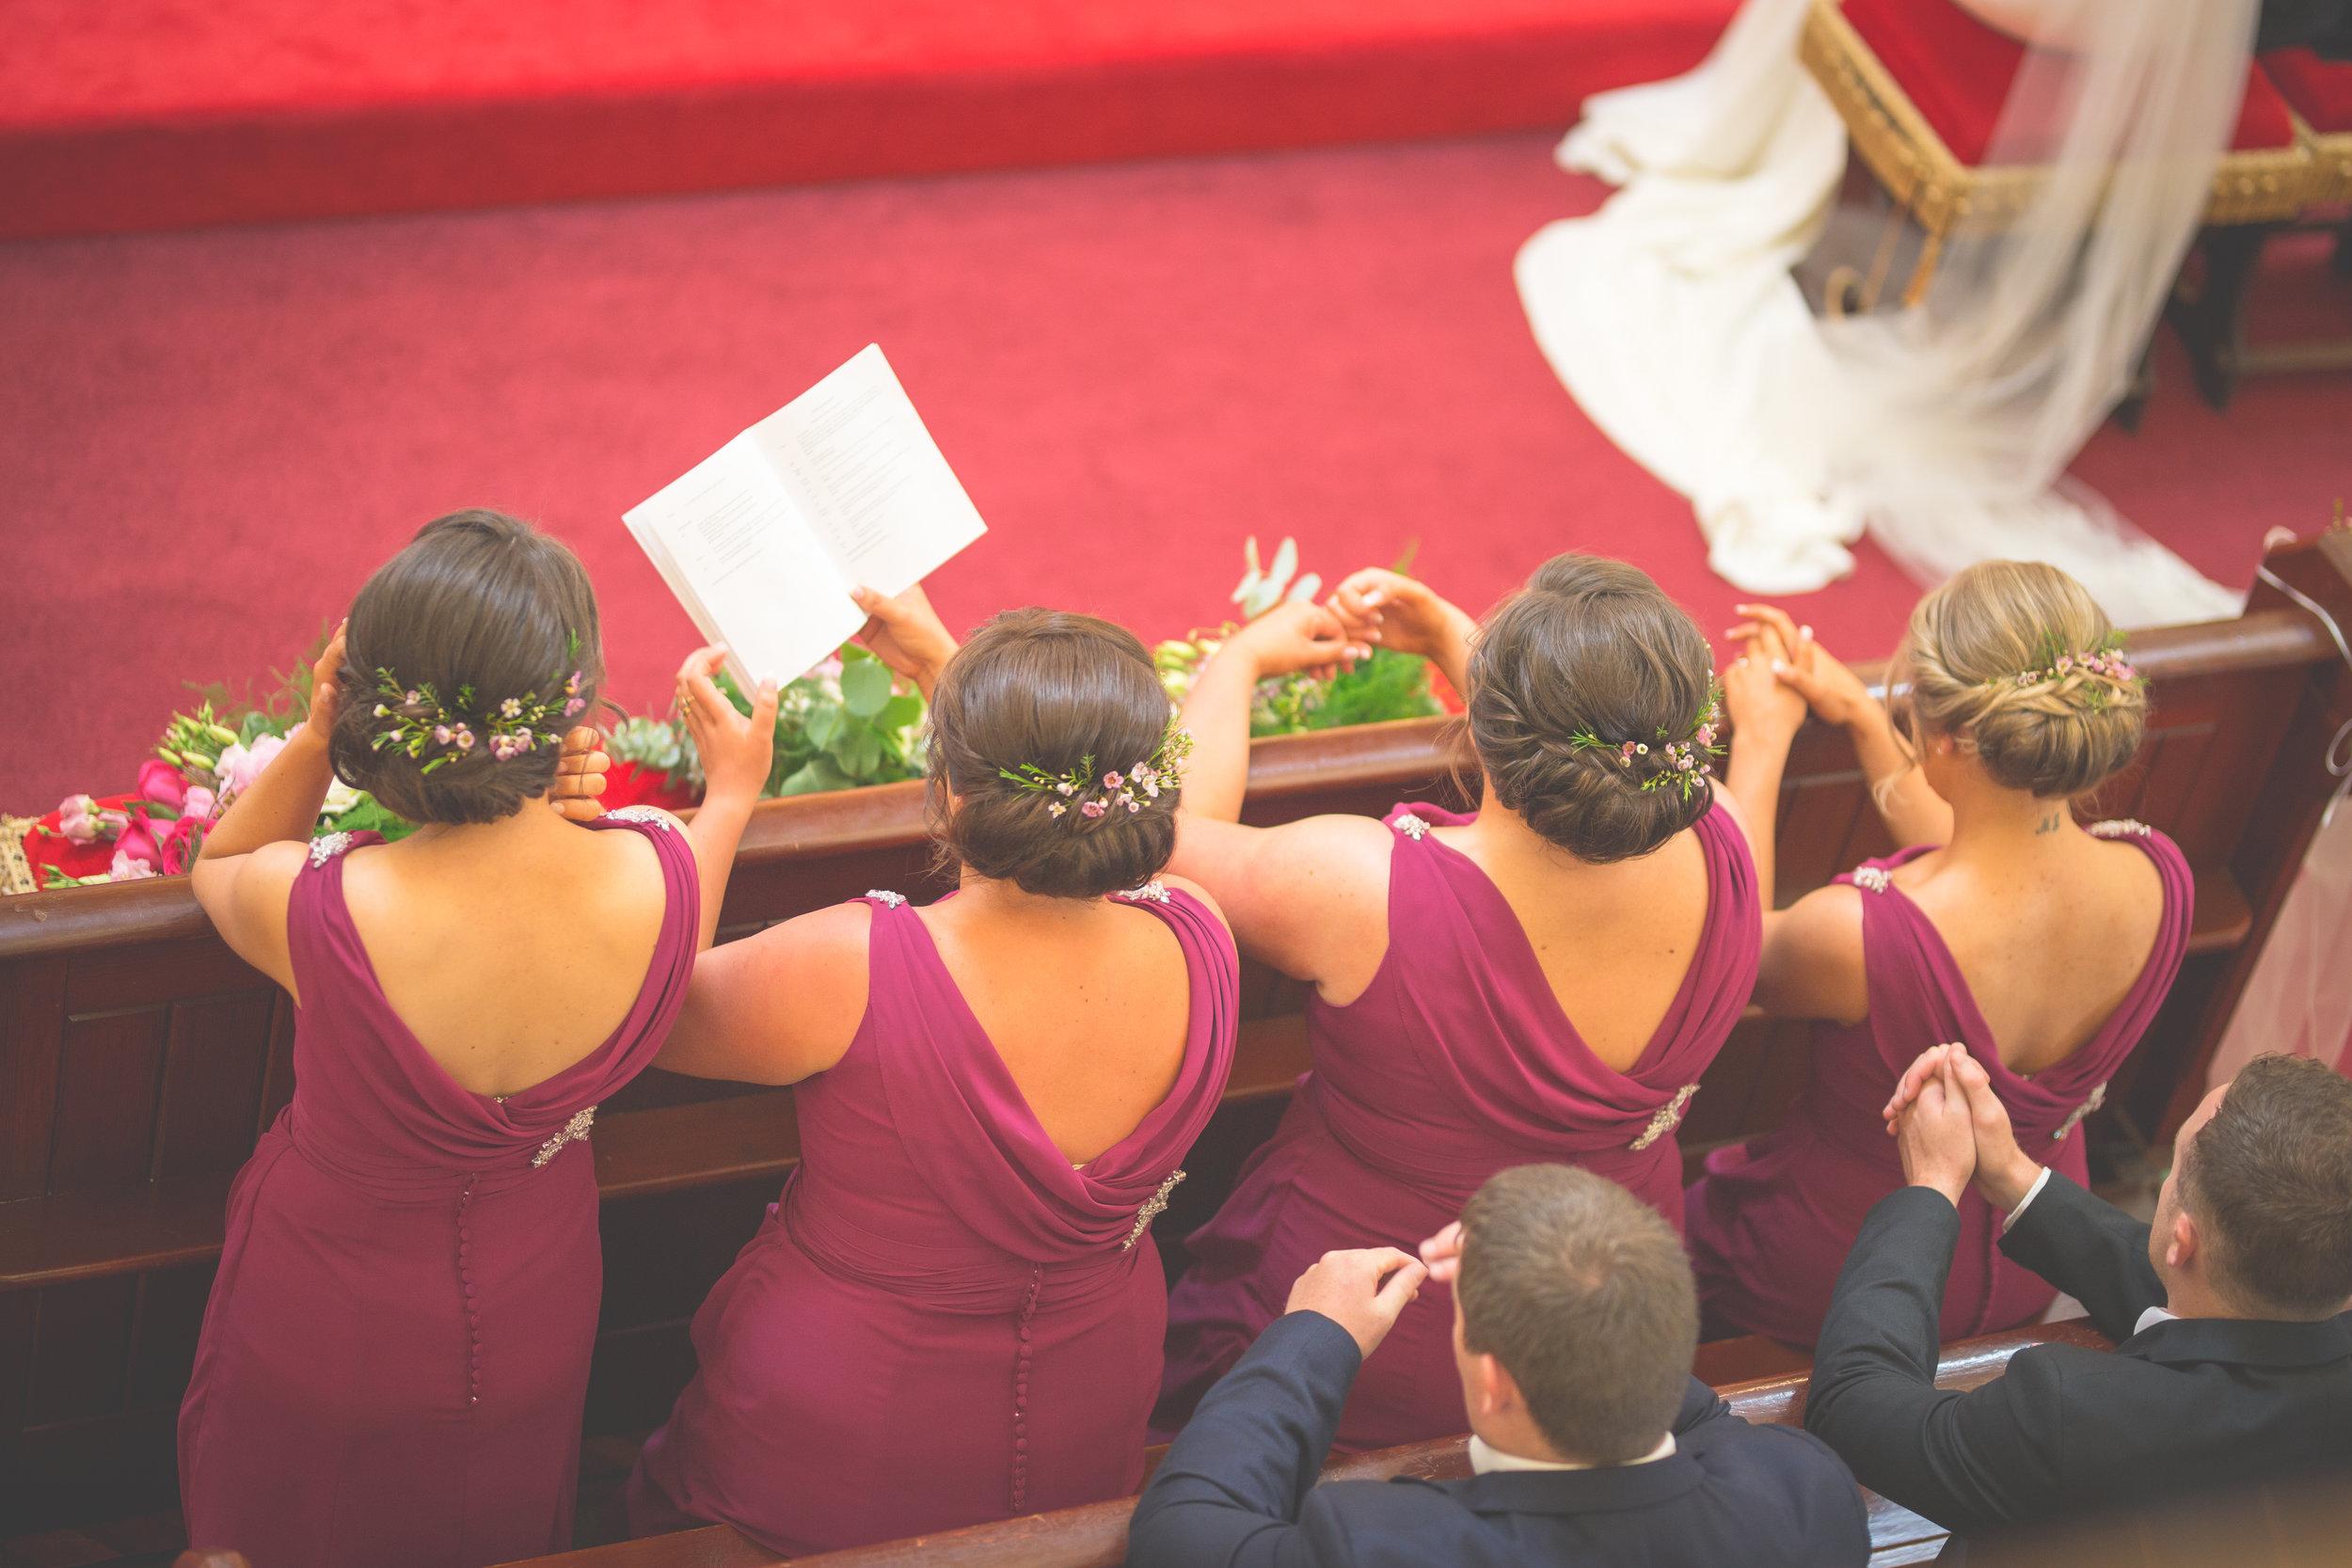 Brian McEwan Wedding Photography   Carol-Anne & Sean   The Ceremony-67.jpg